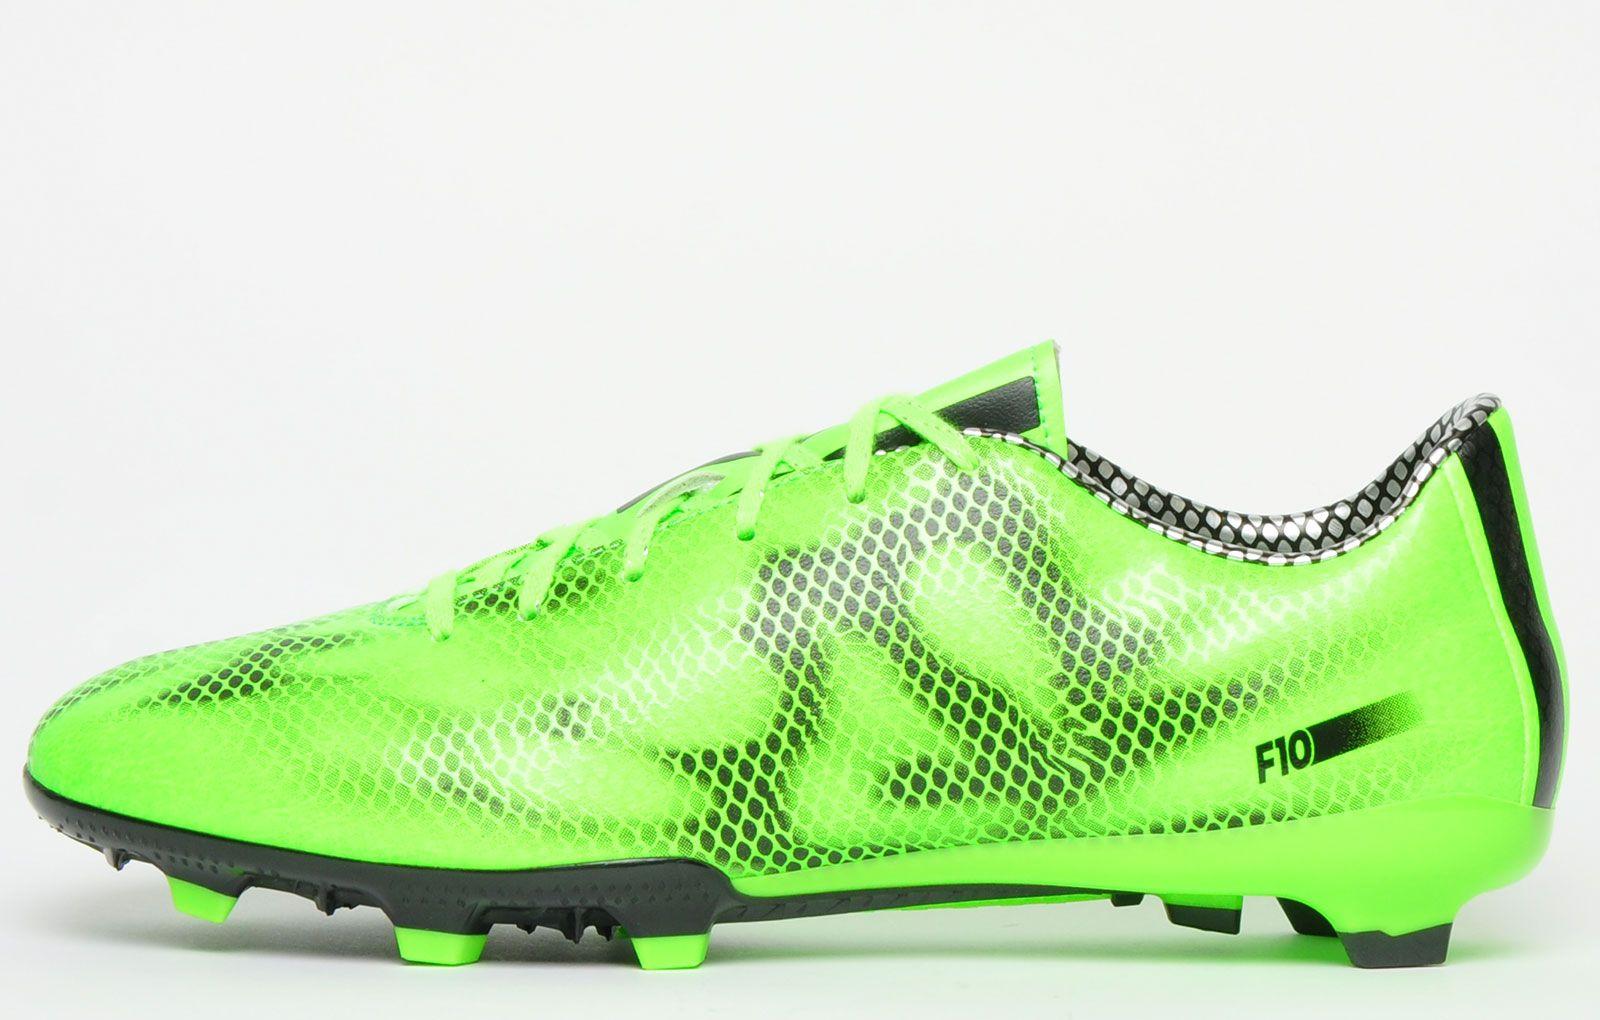 Adidas F10 FG Mens